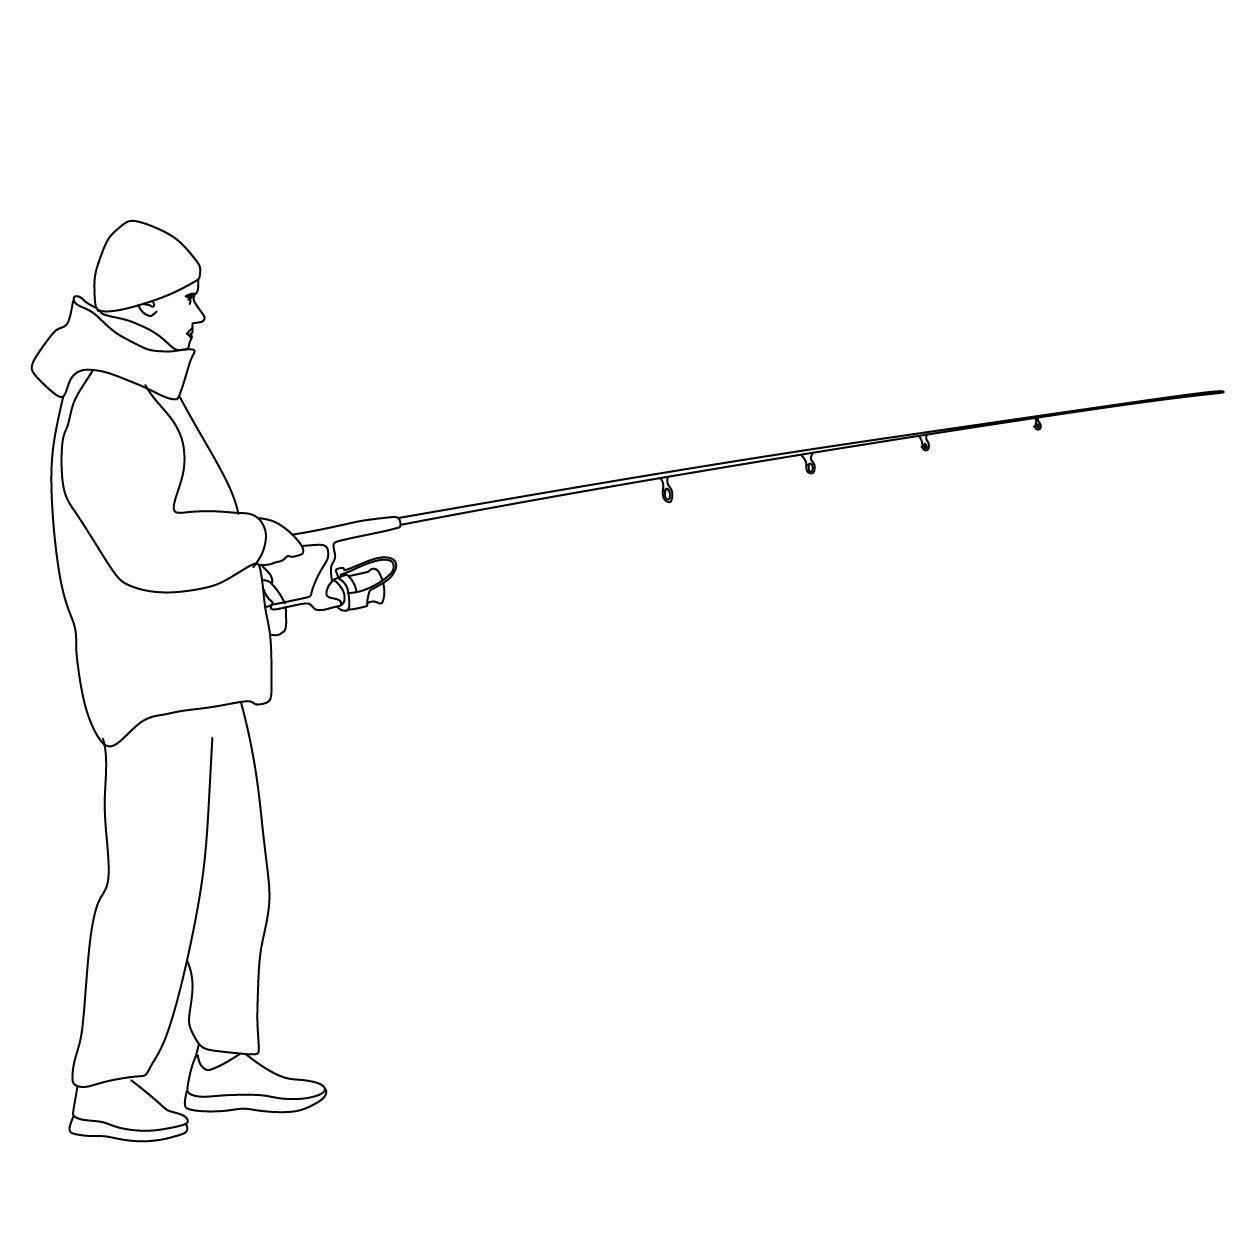 Man Fishing People Illustration Fish Illustration Drawn Fish